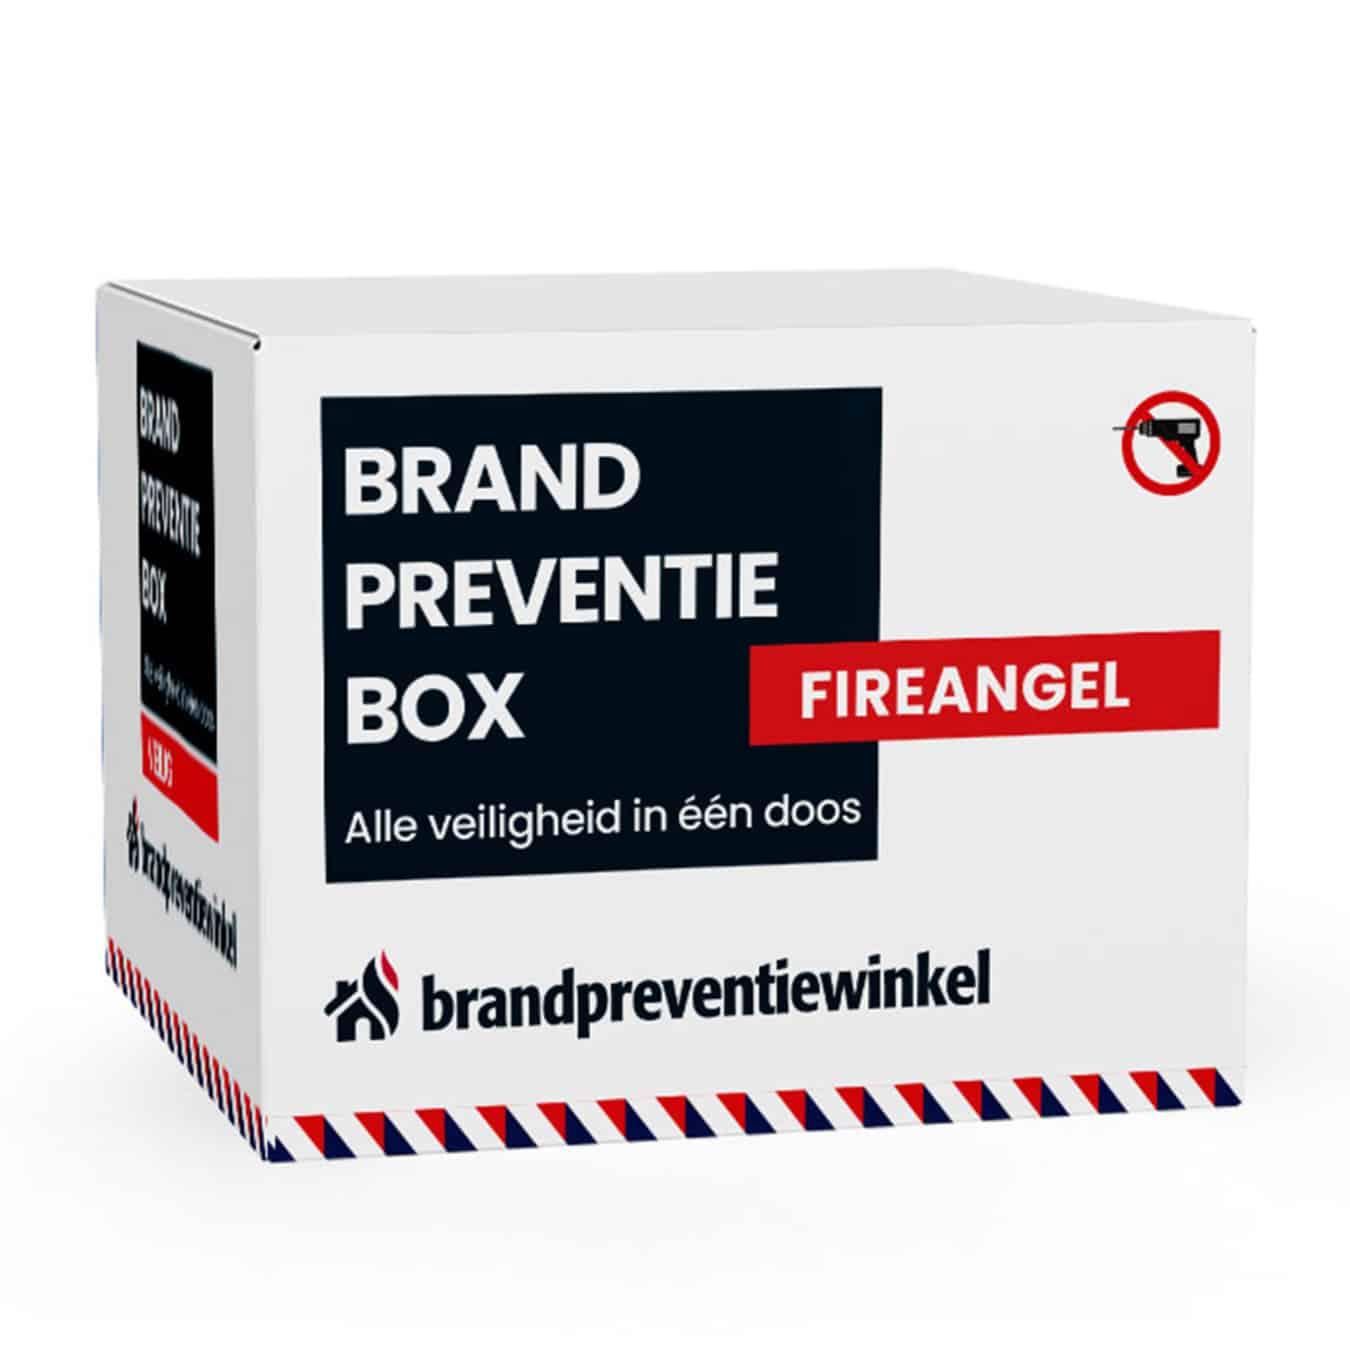 Koop Brandpreventiebox FireAngel